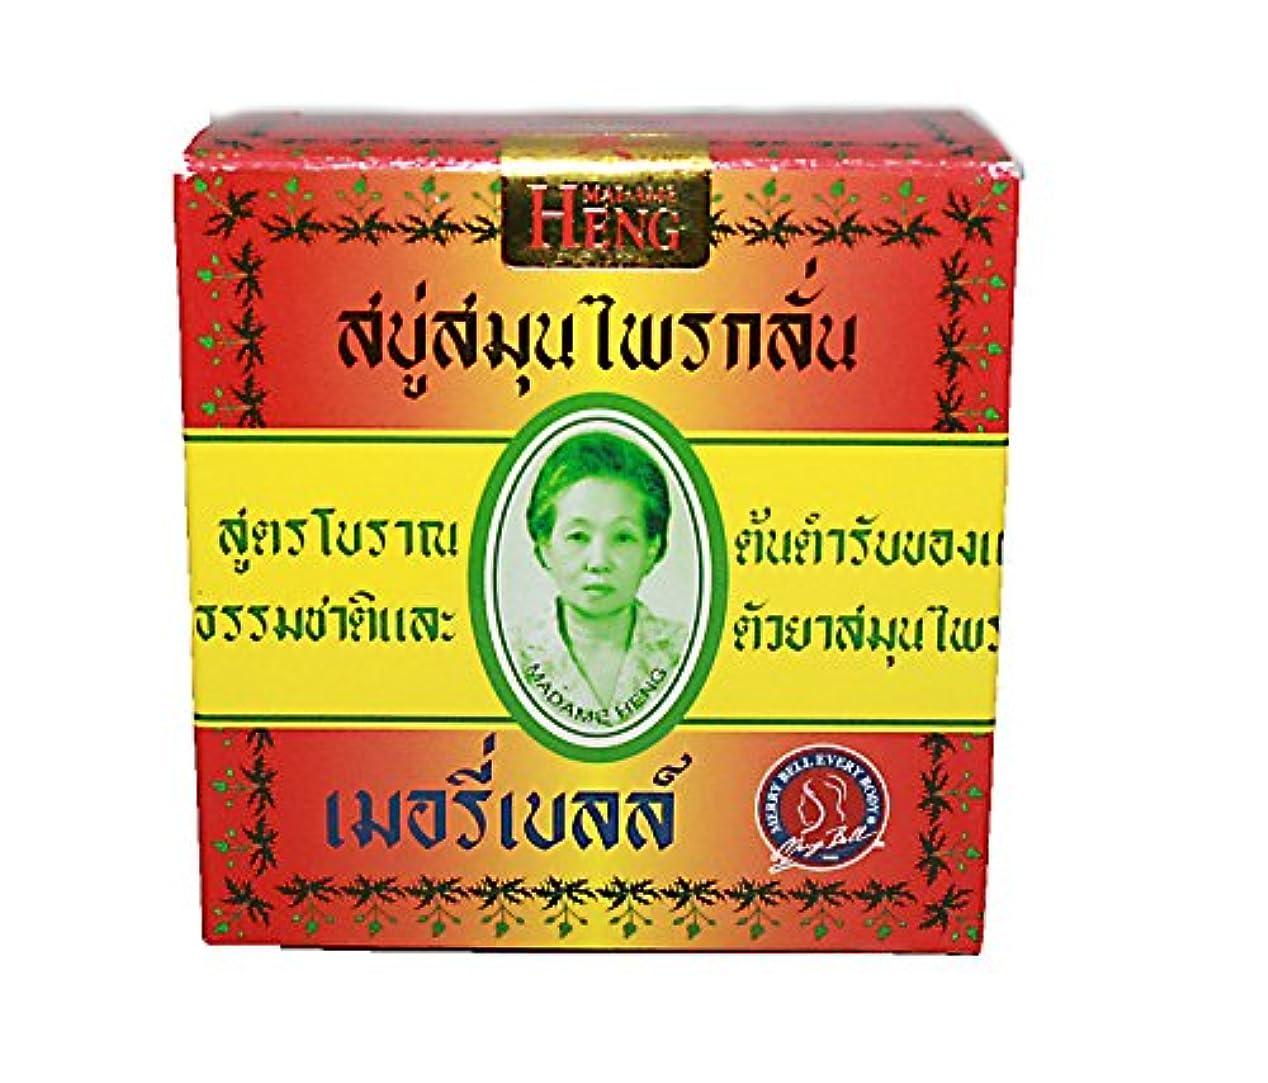 怪しい事件、出来事大宇宙MADAME HENG NATURAL SOAP BAR MERRY BELL ORIGINAL THAI (net wt 5.64 OZ.or 160g.) by onefeelgood shop